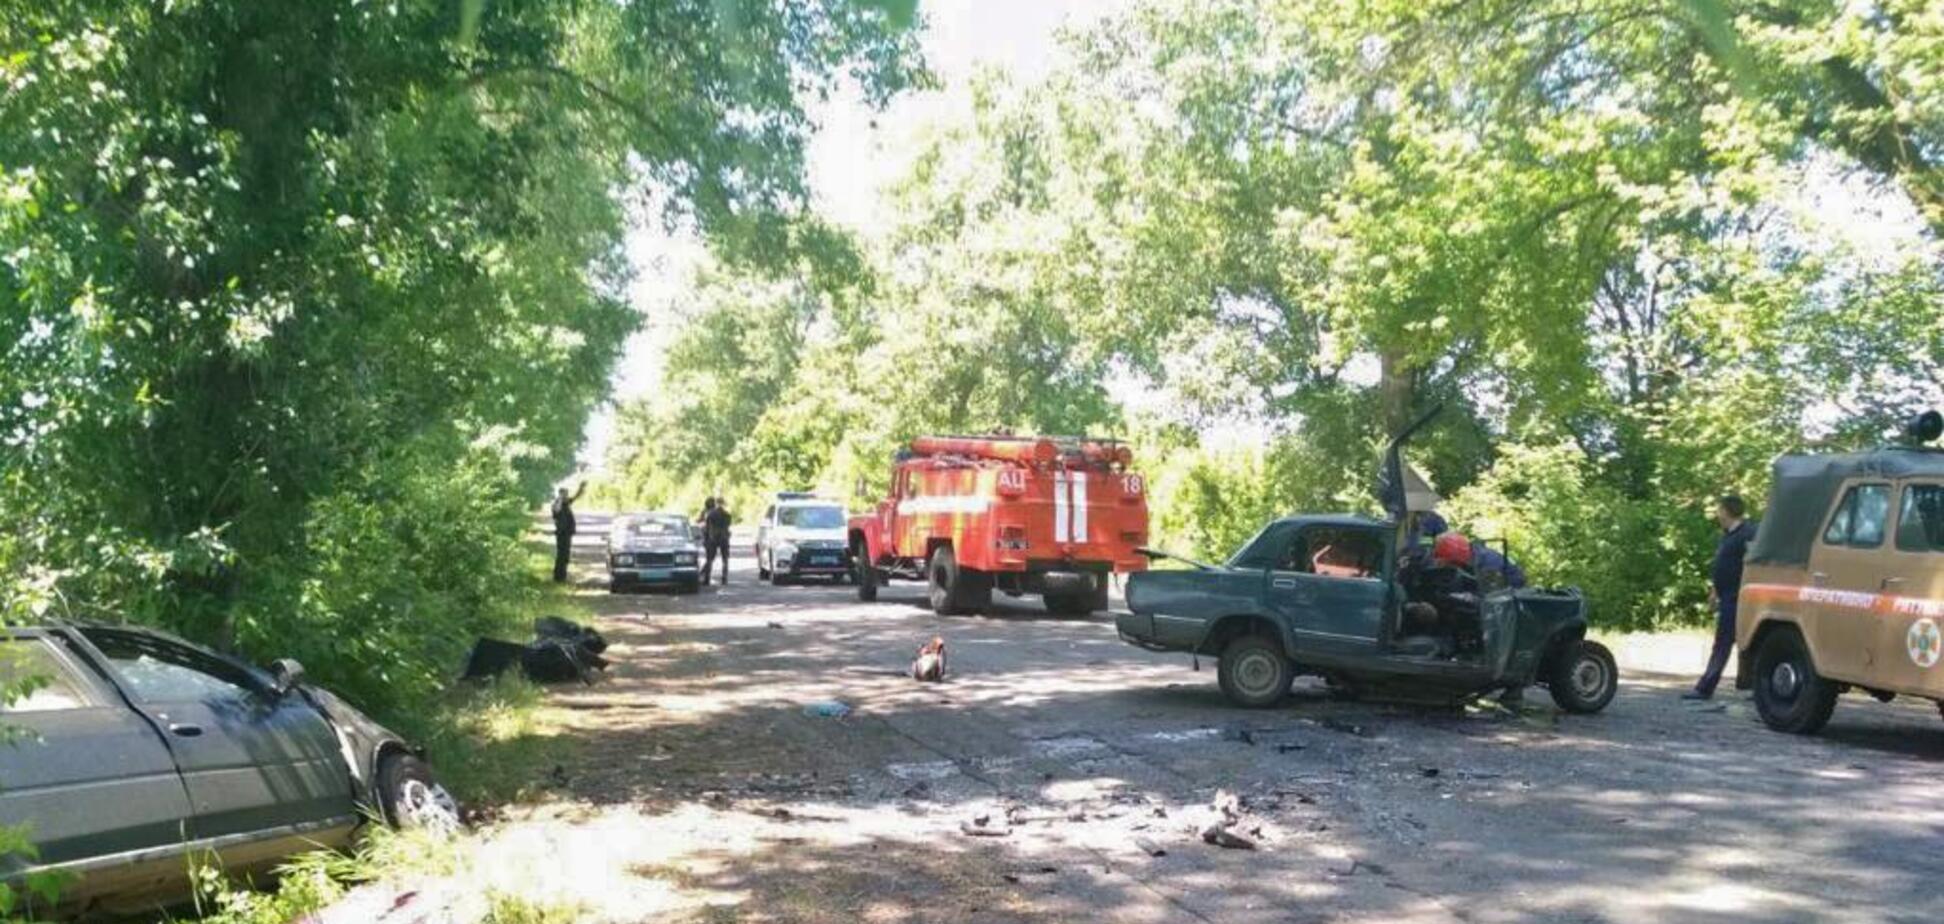 Виновен полицейский? На Николаевщине произошла смертельная авария: фото